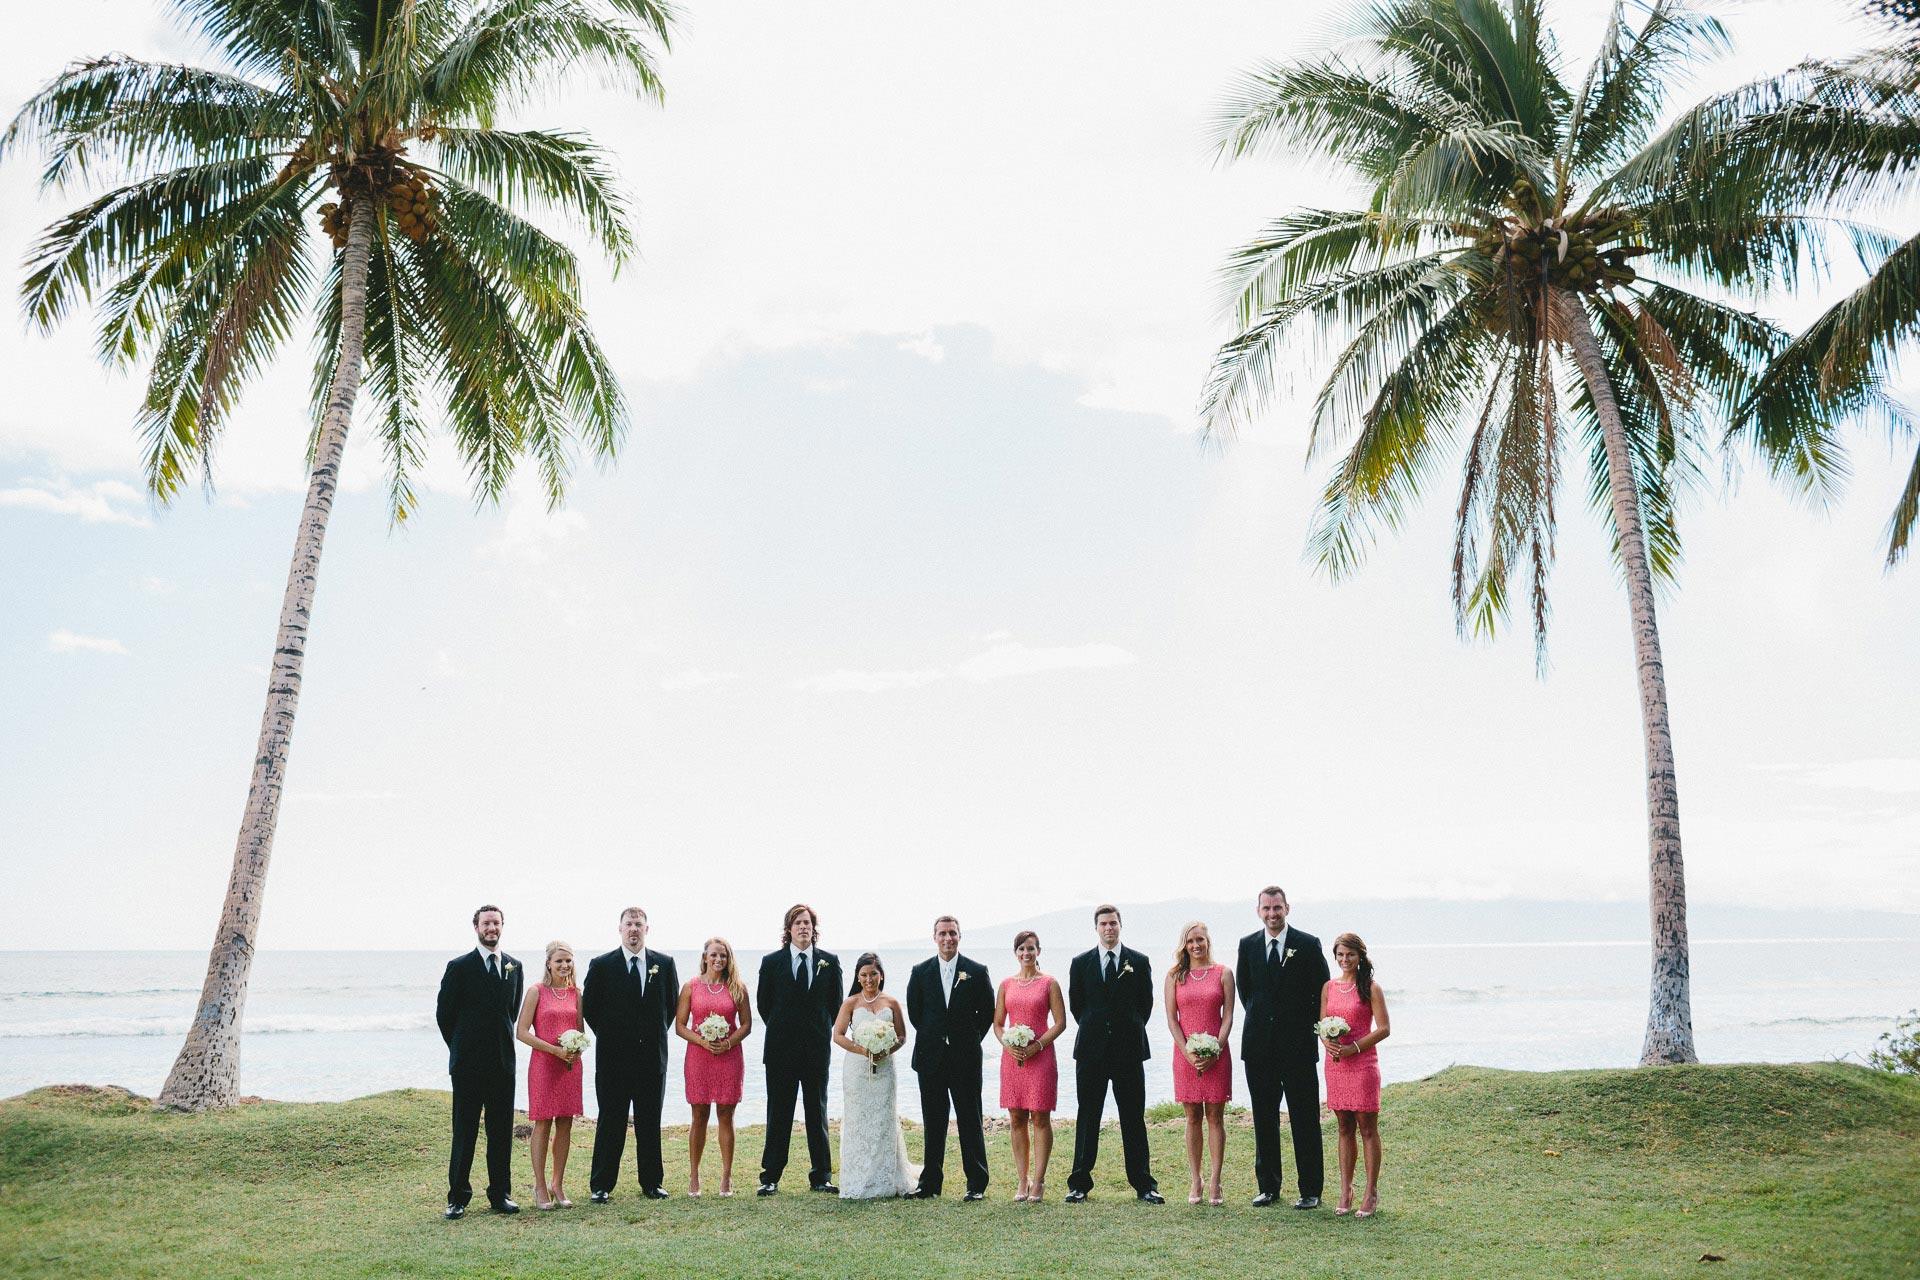 KW-Maui-Hawaii-Wedding-058@2x.jpg